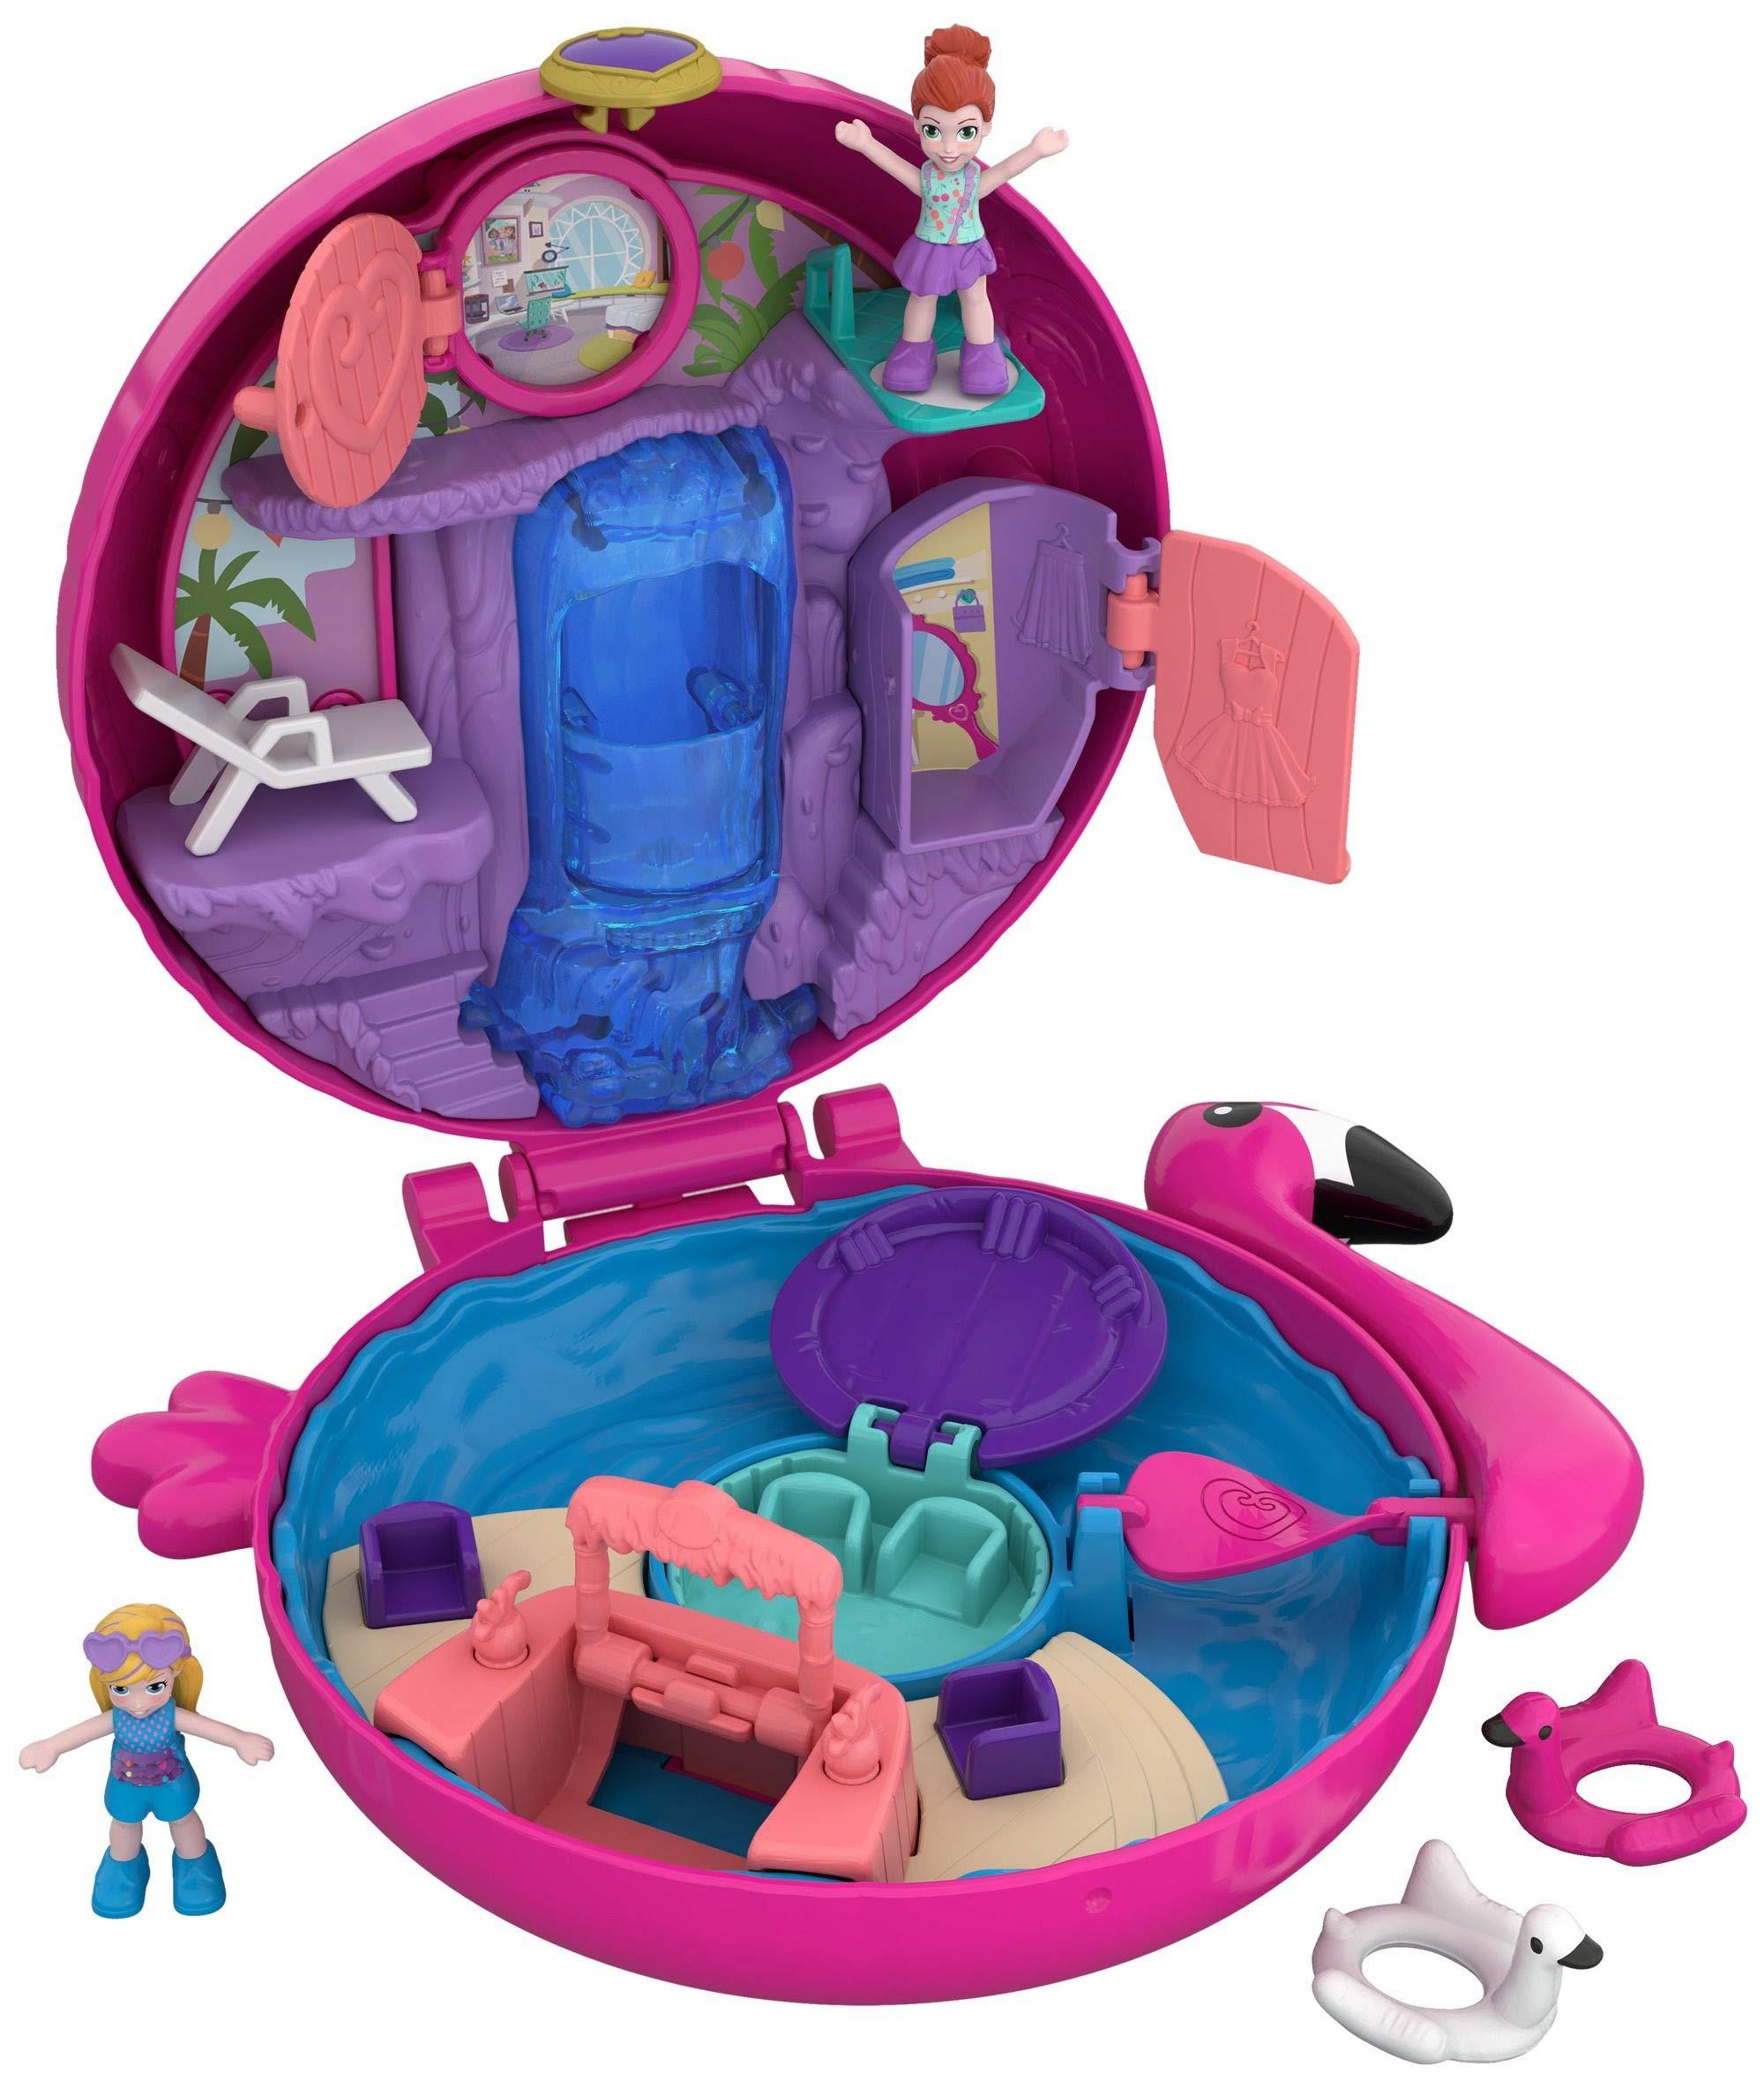 Polly Pocket Coffret Univers La Piscine du Flamant Rose avec 2 Mini-Figurines et Accessoires, Autocollants et 5 Surprises Cachées, Jouet Enfant, édition 2018, FRY38 product image